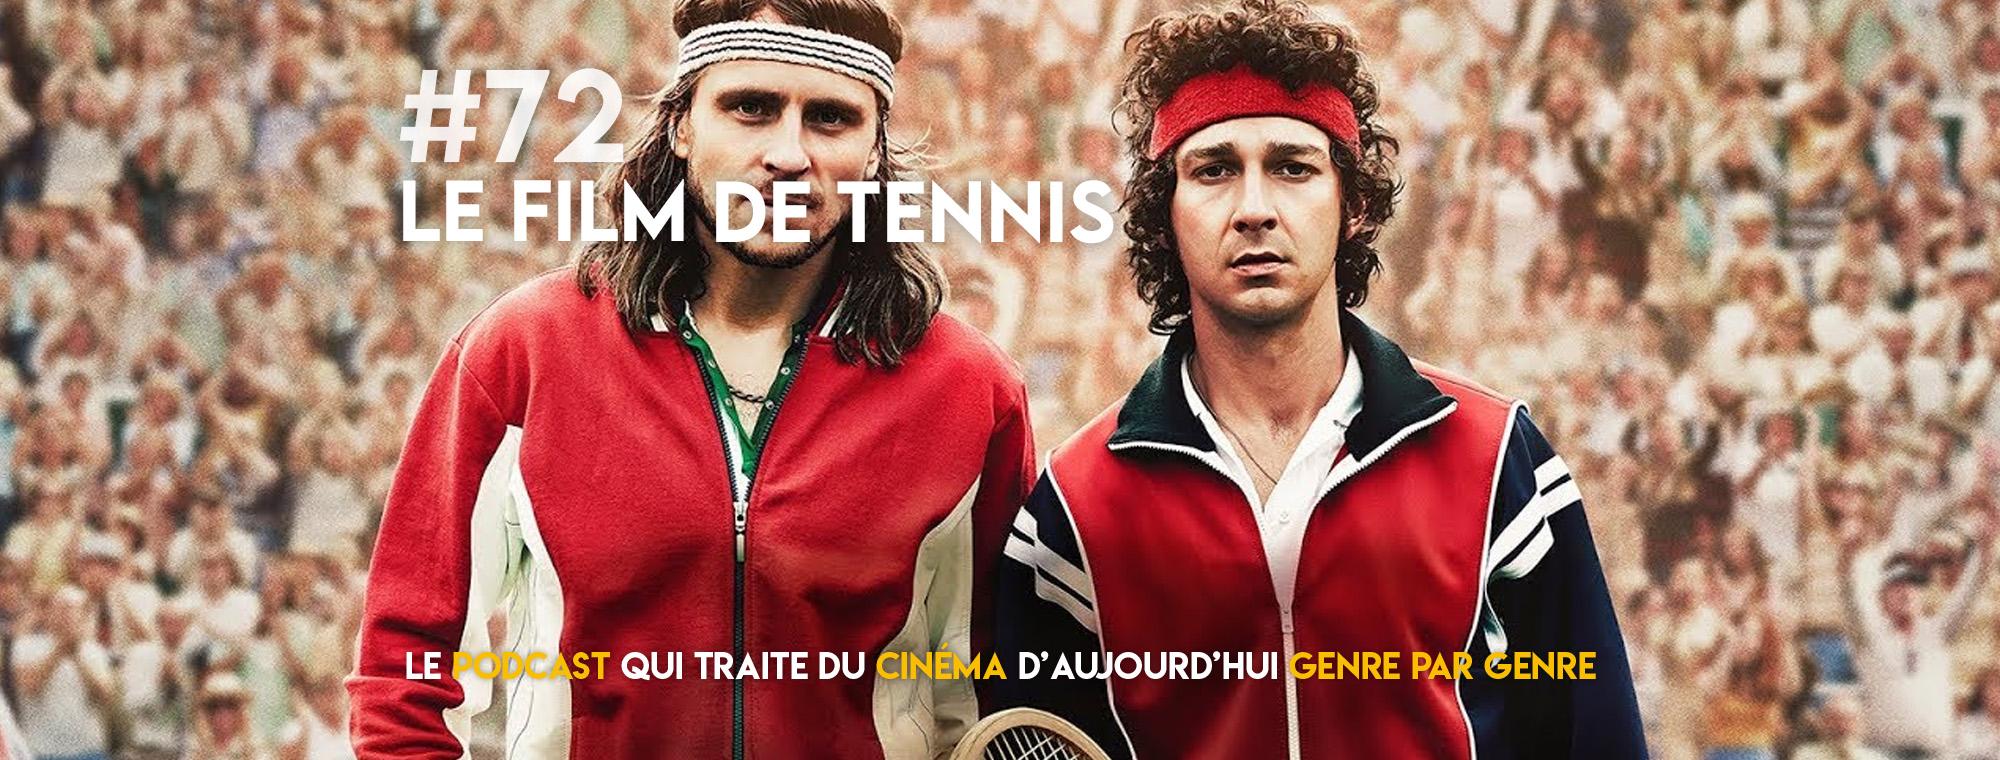 Parlons Péloches - #72 Le film de tennis